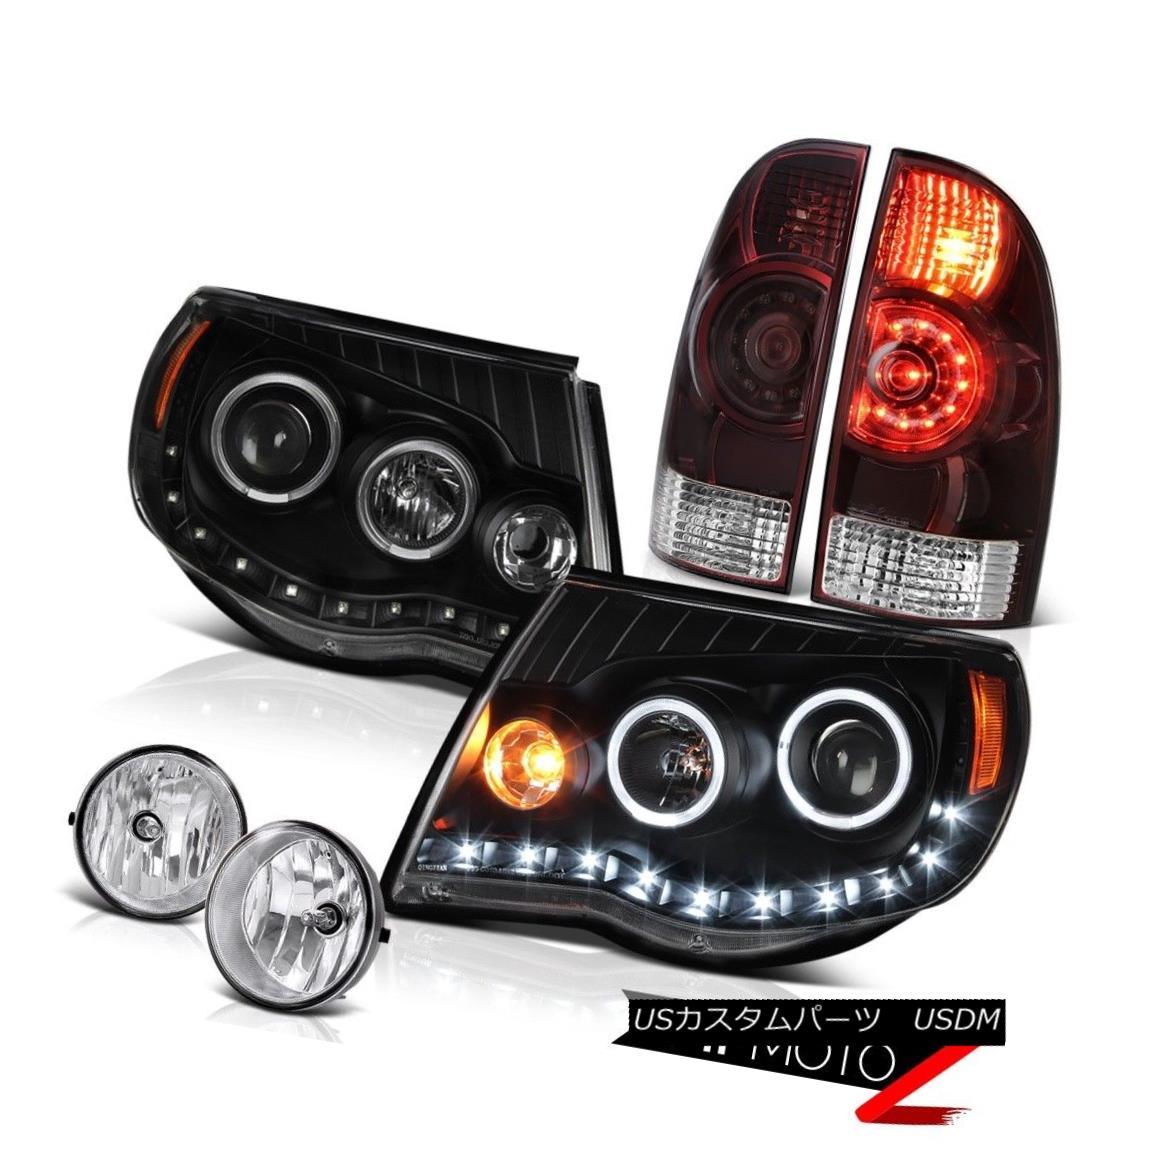 テールライト 05-11 Tacoma TRD Offroad Tail lamps headlights foglights LED Halo Rim Dual Halo 05-11タコマTRDオフロードテールランプヘッドライトフォグライトLED Halo Rimデュアルヘイロー